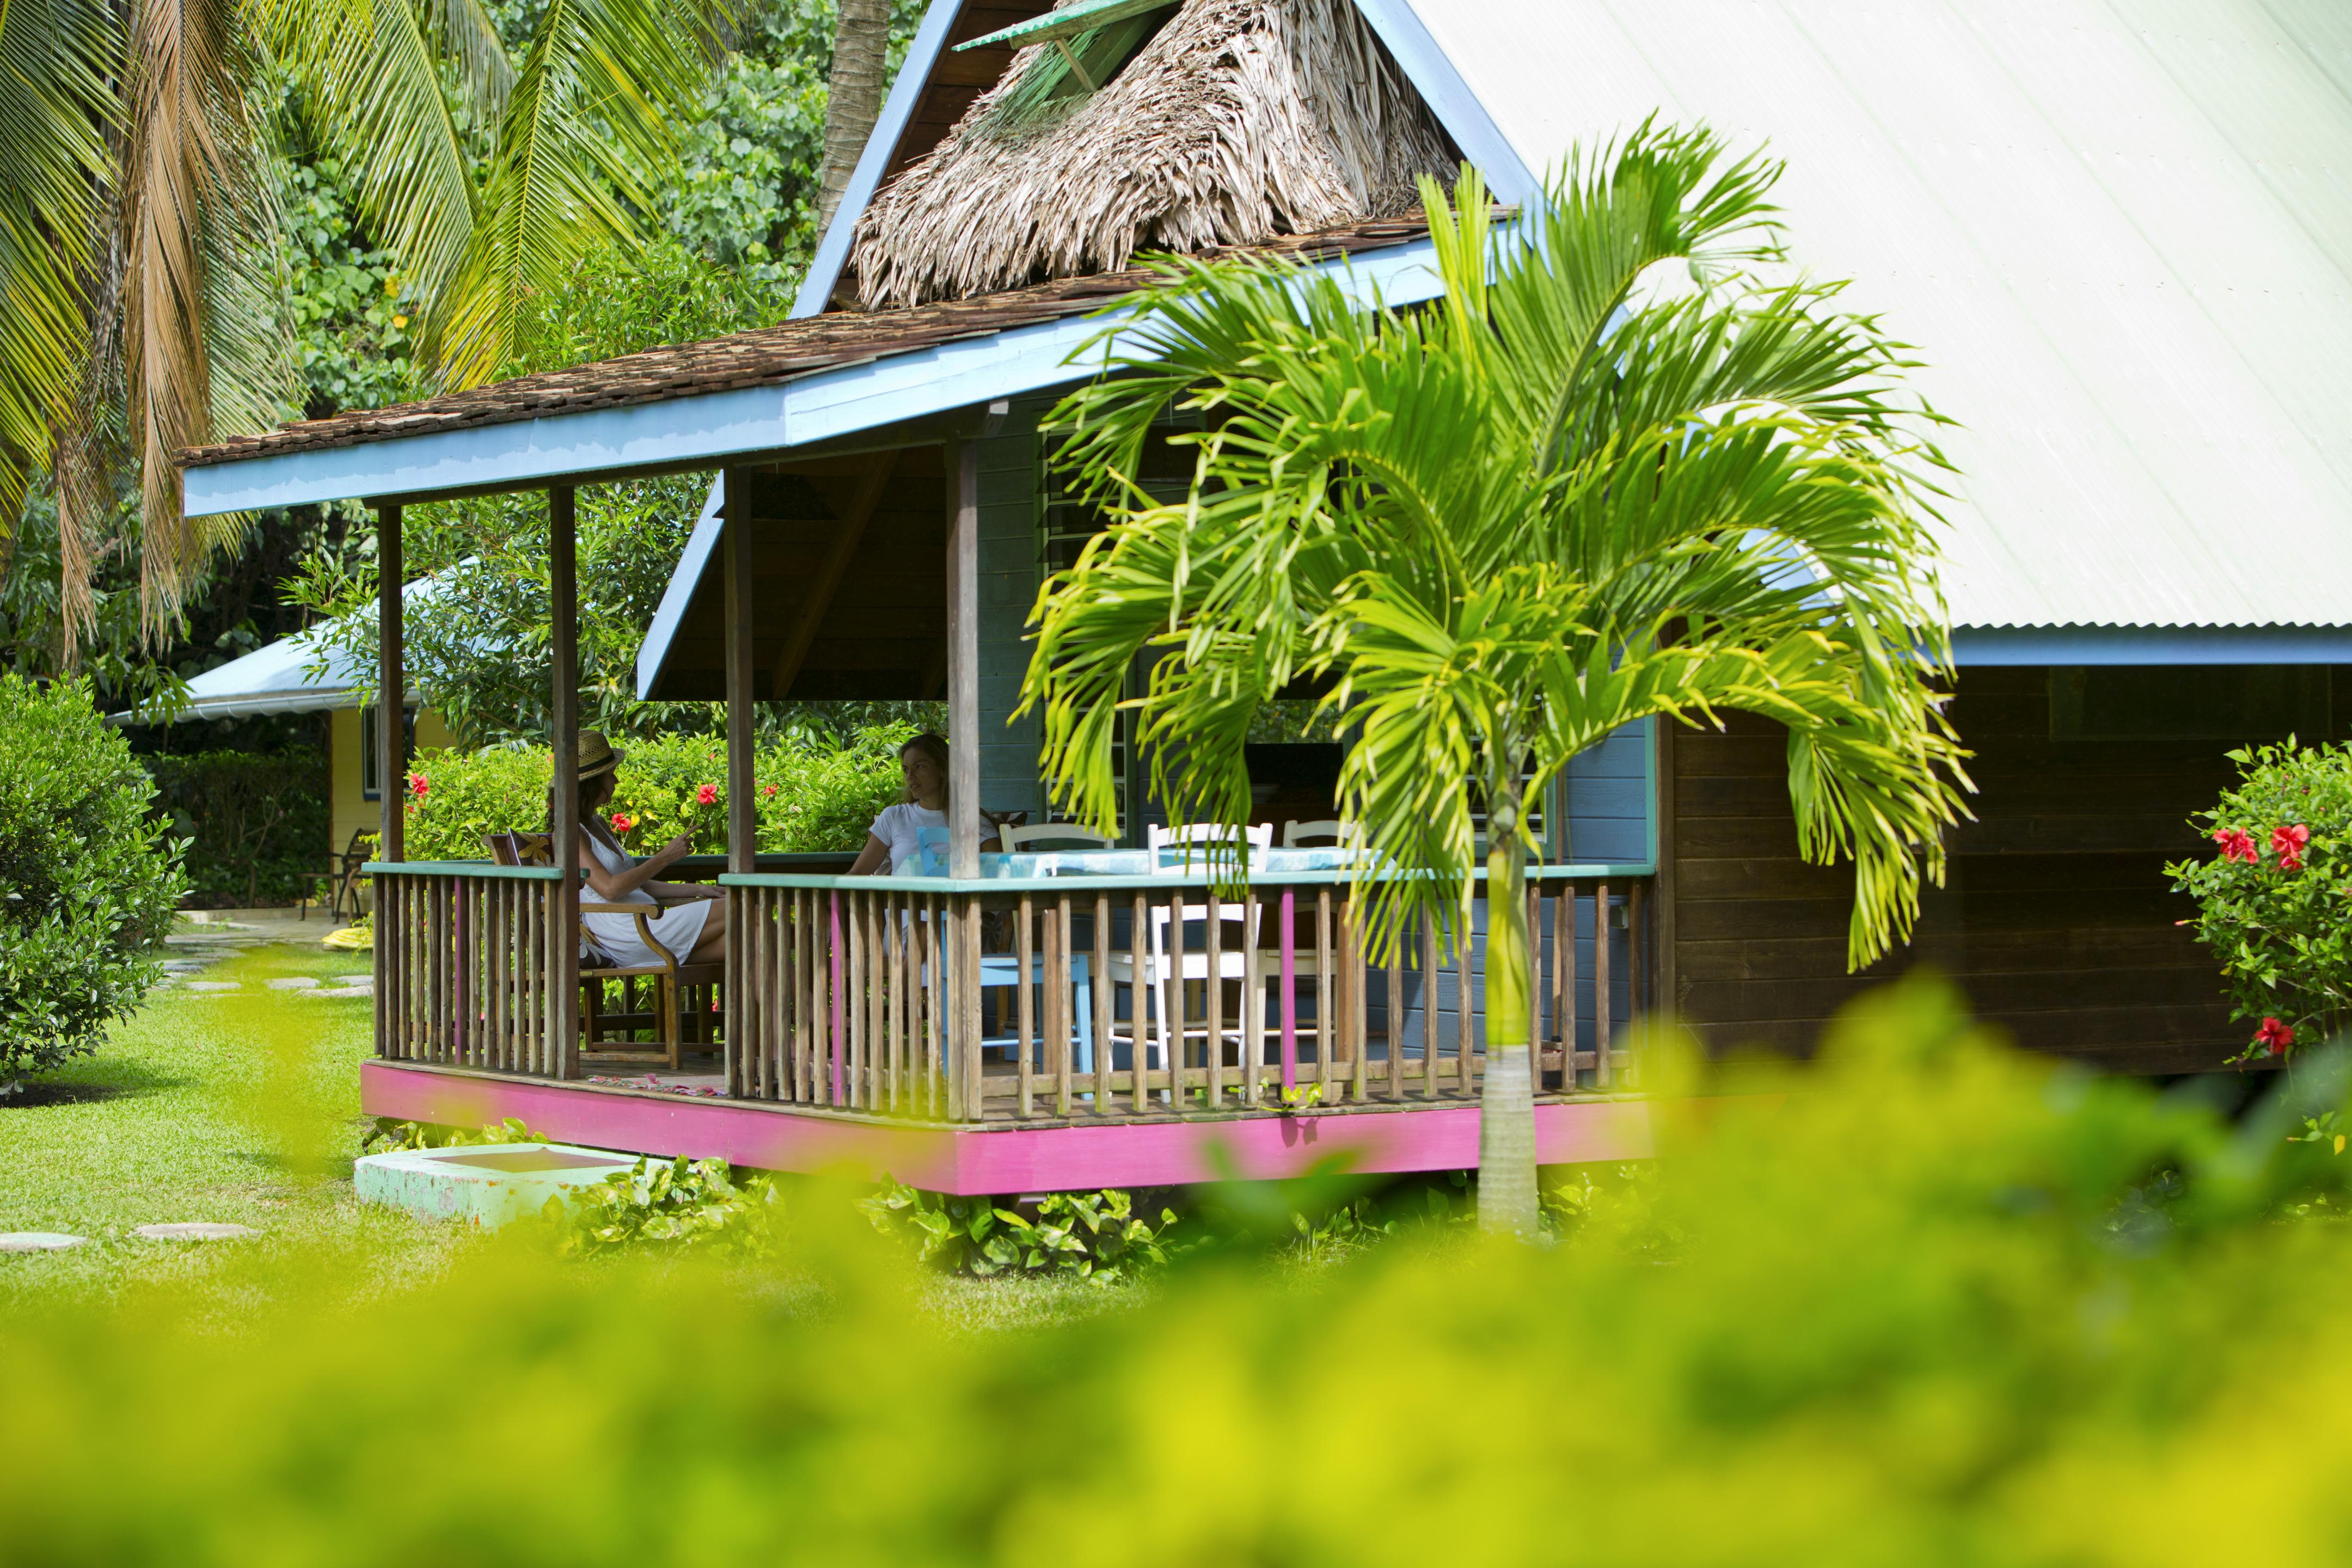 Tourisme en Polynésie : Un « soutien renforcé » aux pensions de famille voté par l'Assemblée territoriale